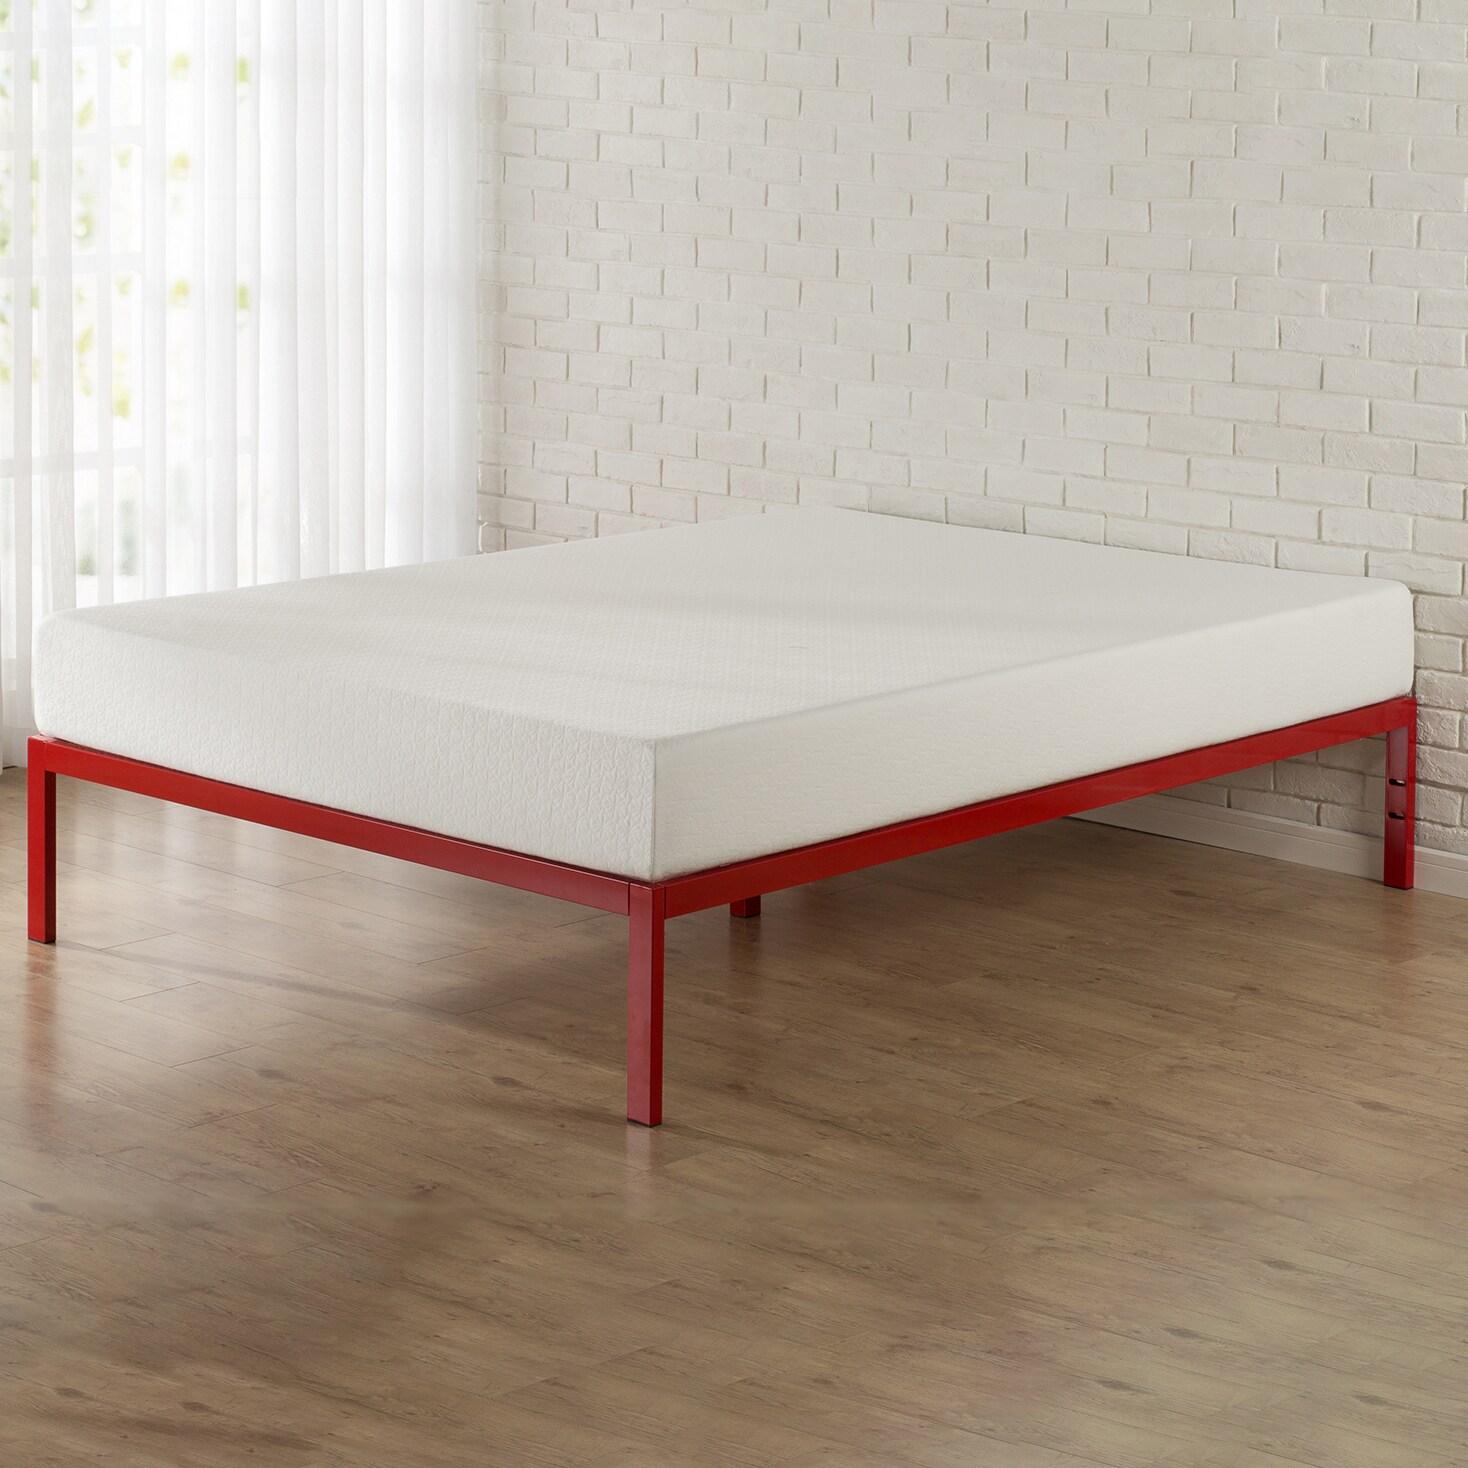 Priage 1500 Red Platform Bed Frame (Full)